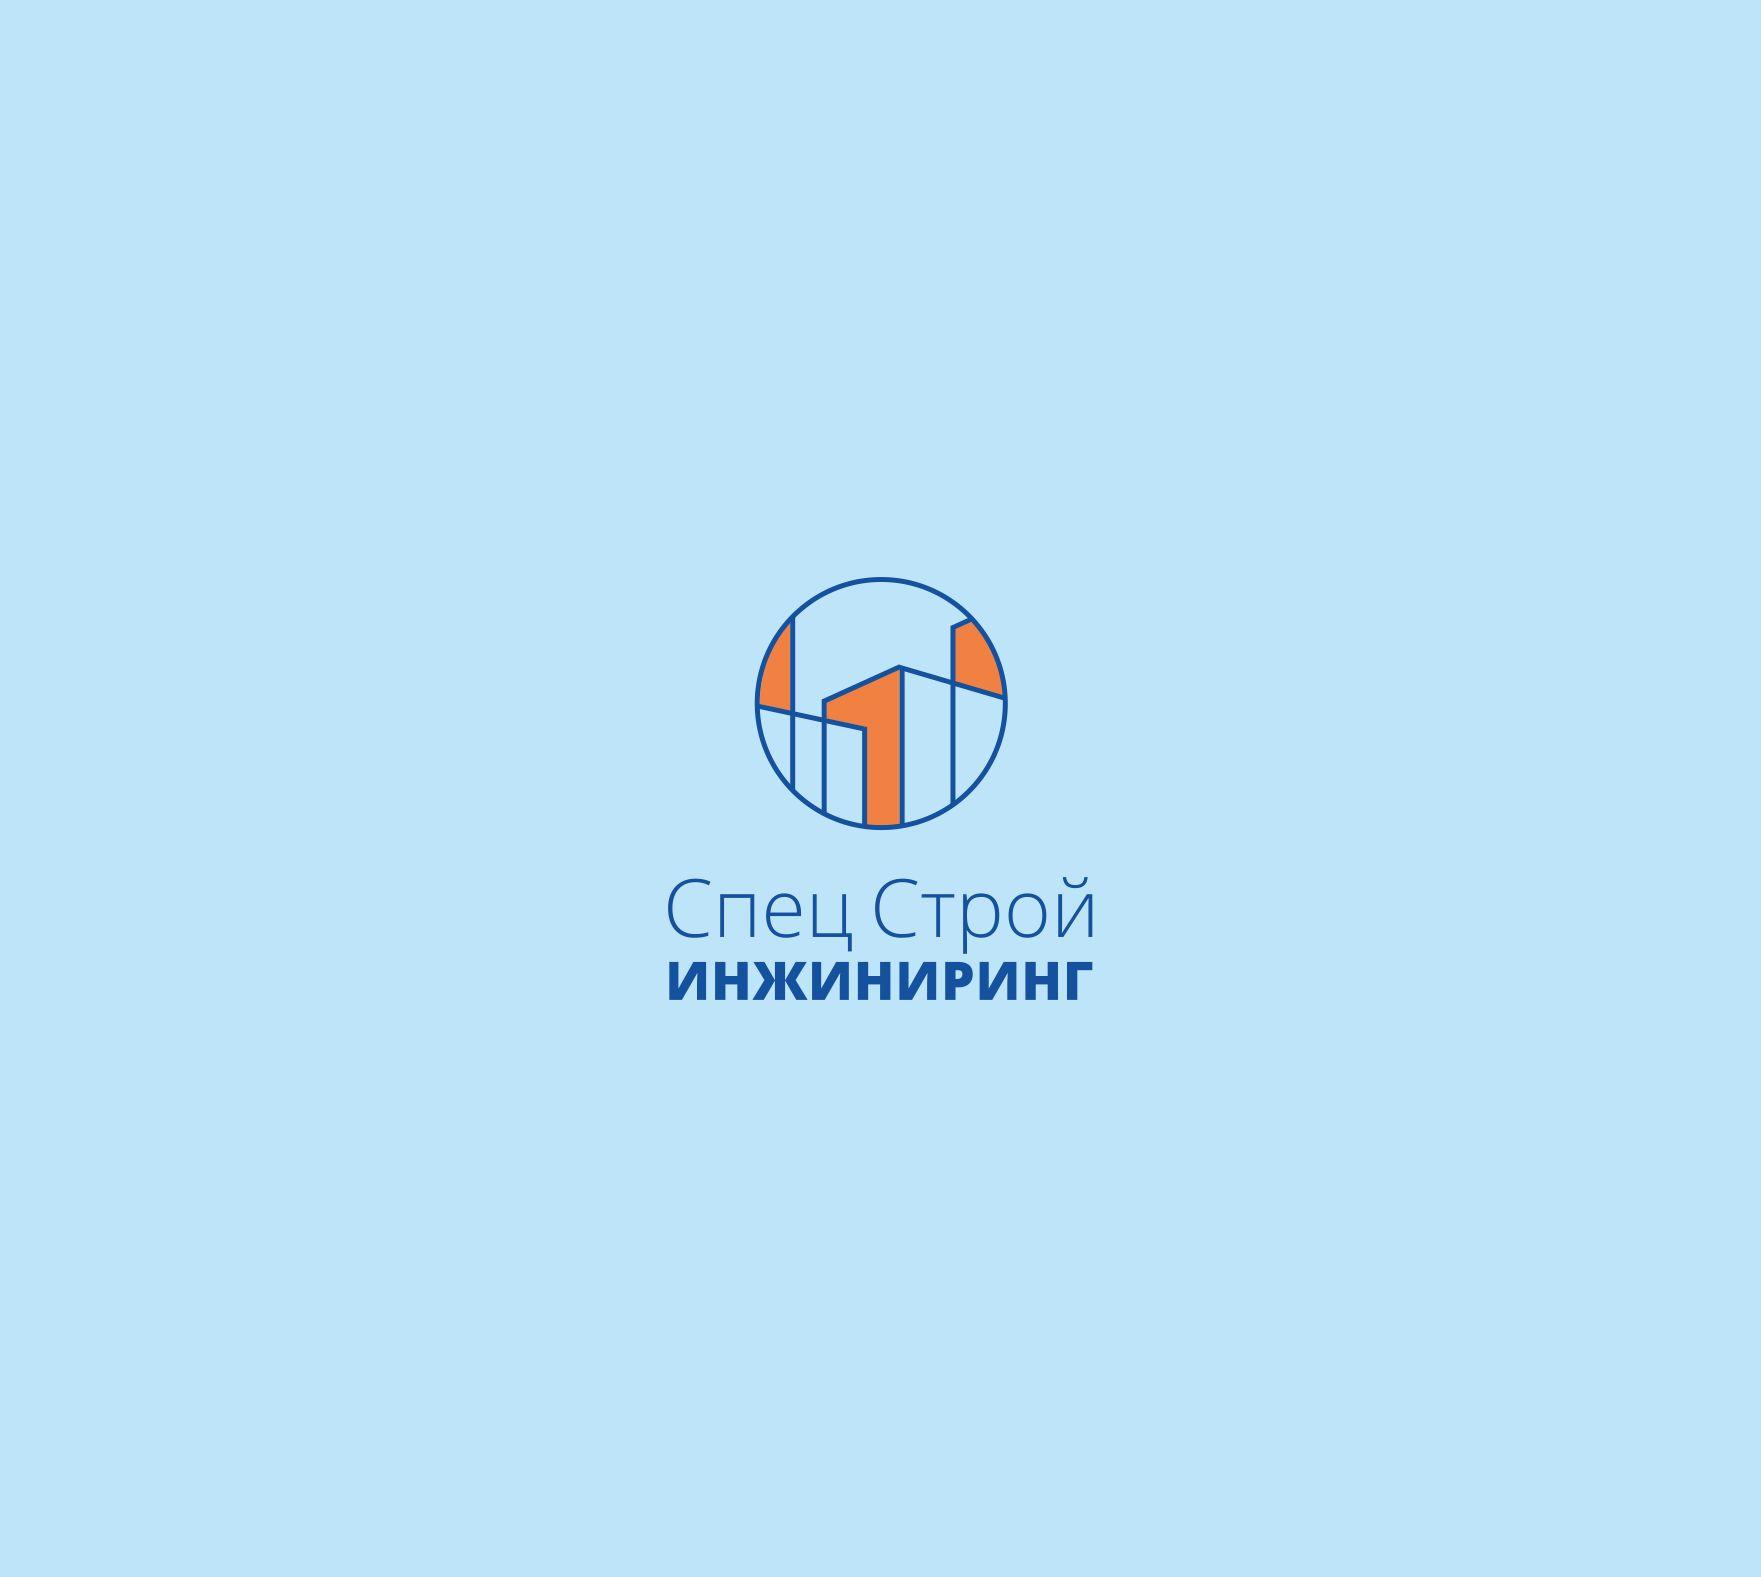 Логотип для строительной компании - дизайнер vadim_w